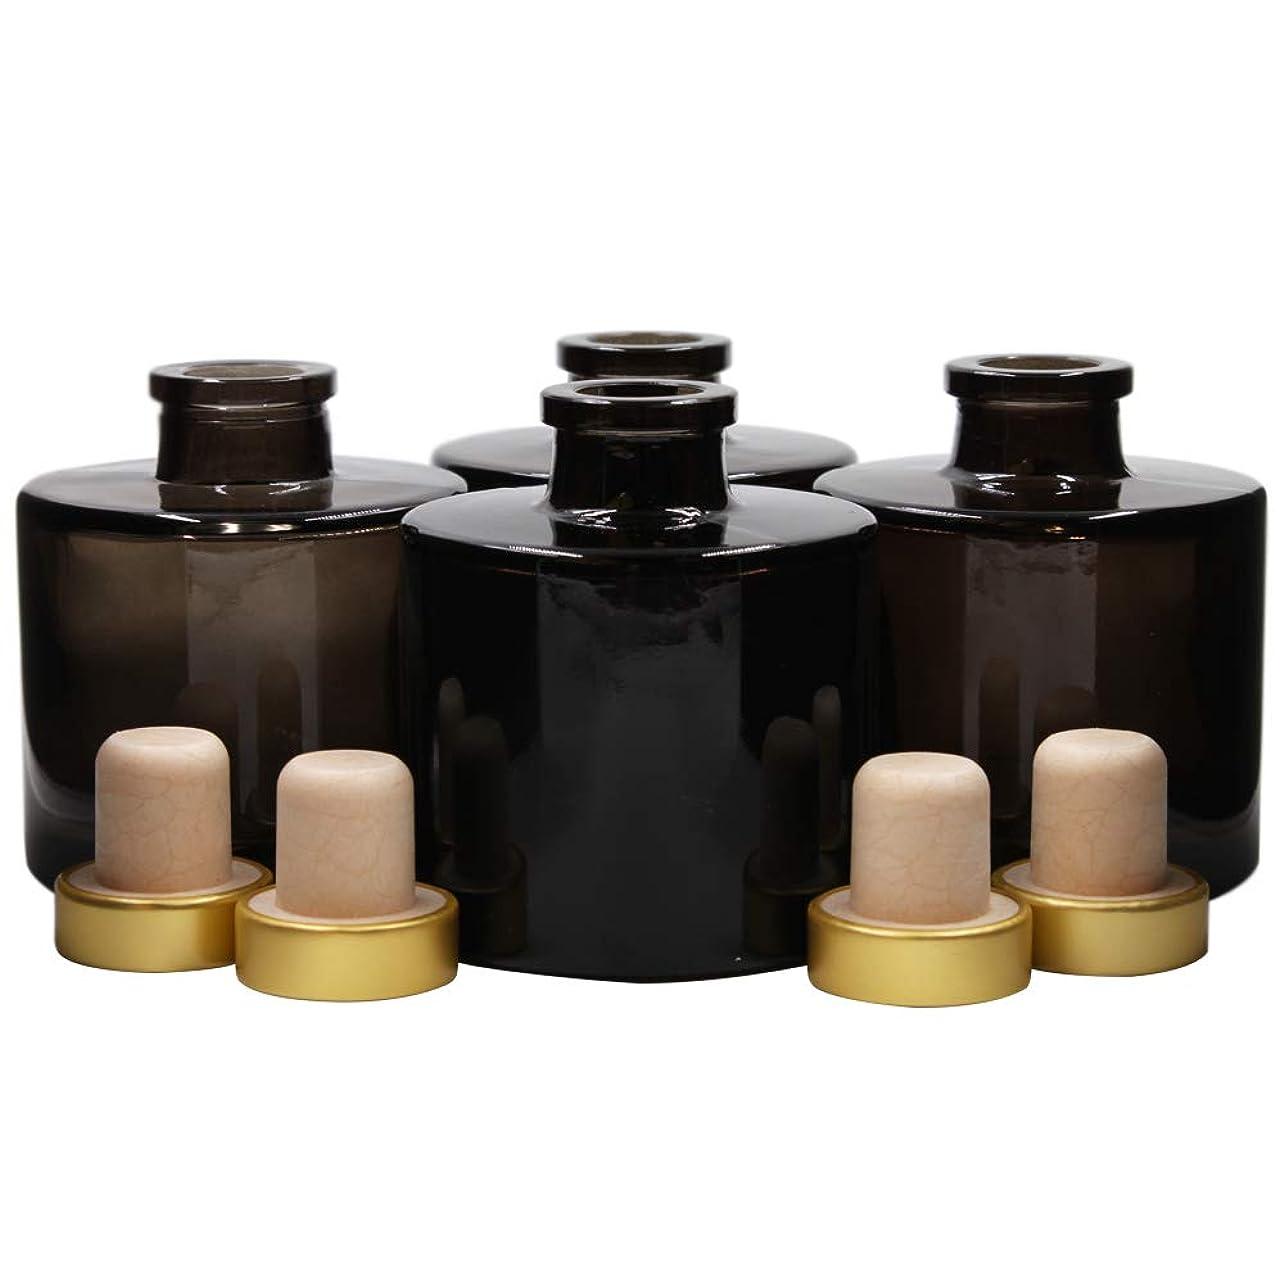 着実に昨日くFeel Fragrance リードディフューザー用 リードディフューザーボトル 容器 黒色 蓋付き 4本セット (100ML円形)